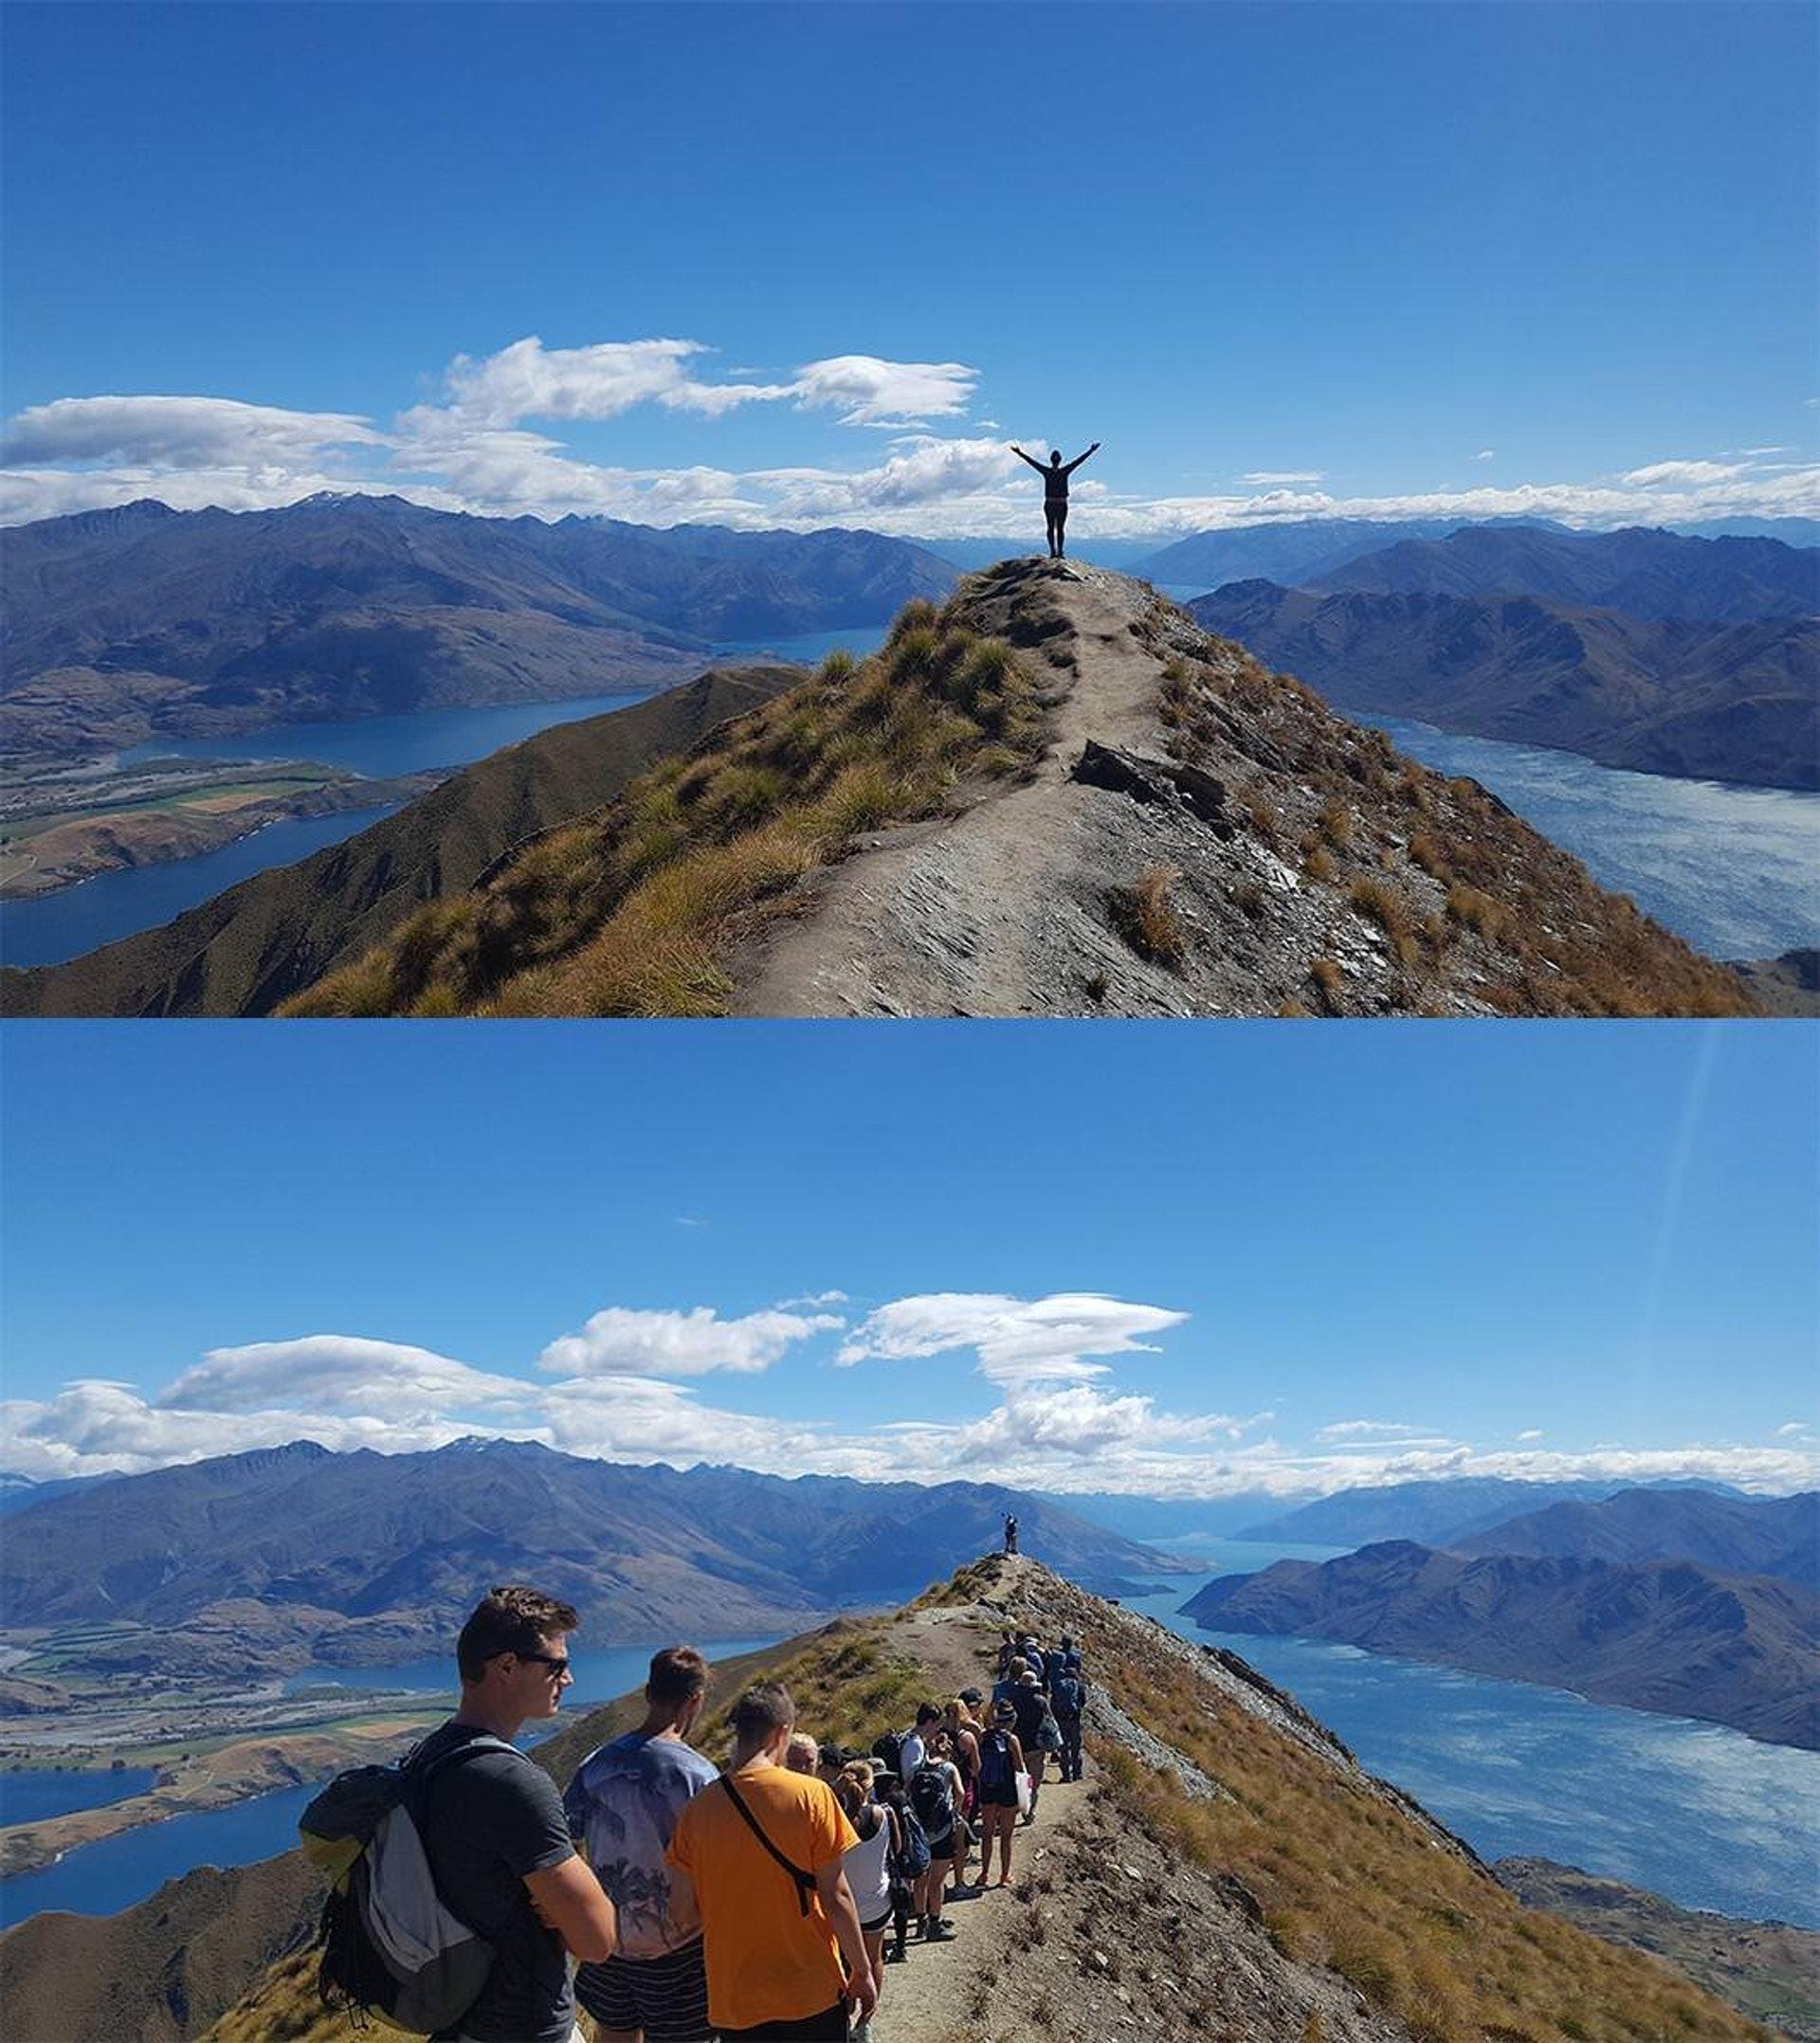 旅客在羅伊峰拍出美照,後面原來有一大條等打卡人龍。(Reddit圖片)